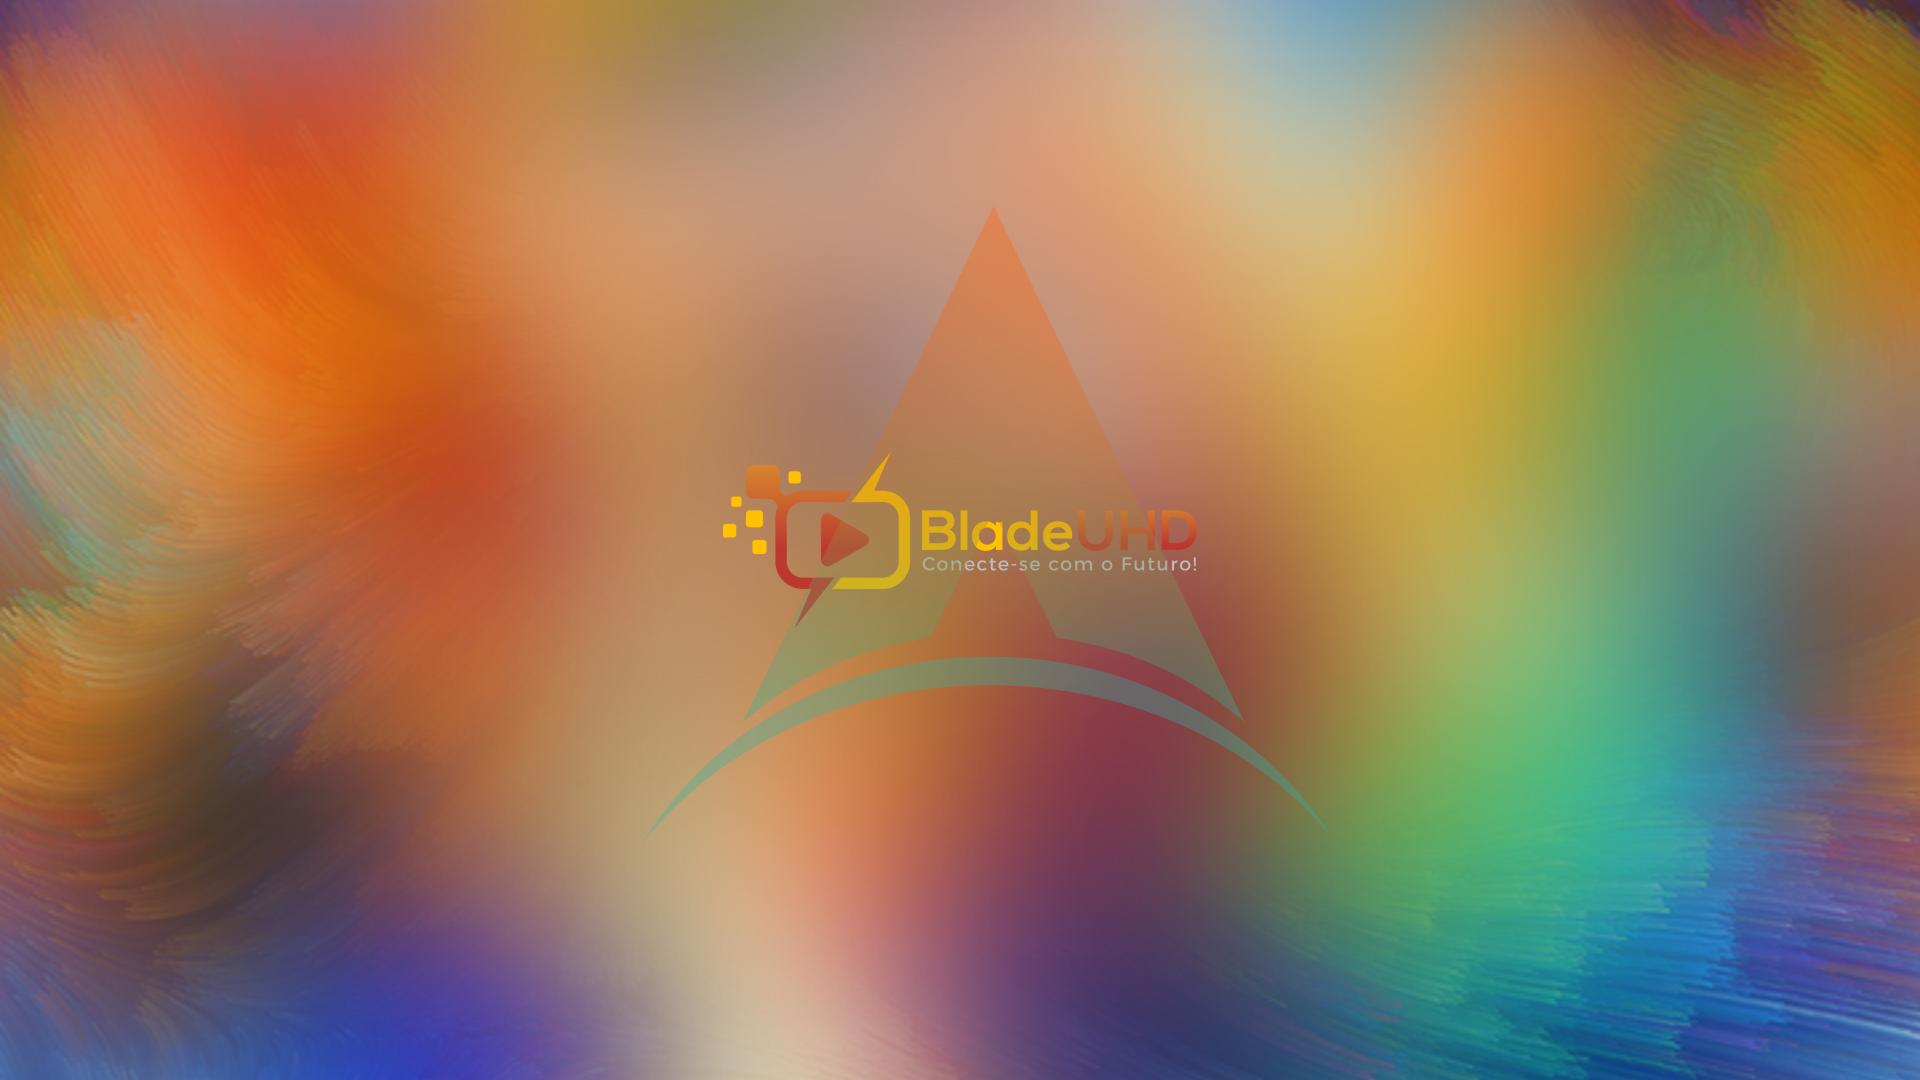 Blade UHD Apk v 1.6.9.1 Download Free For Android-Apkbixcom 1